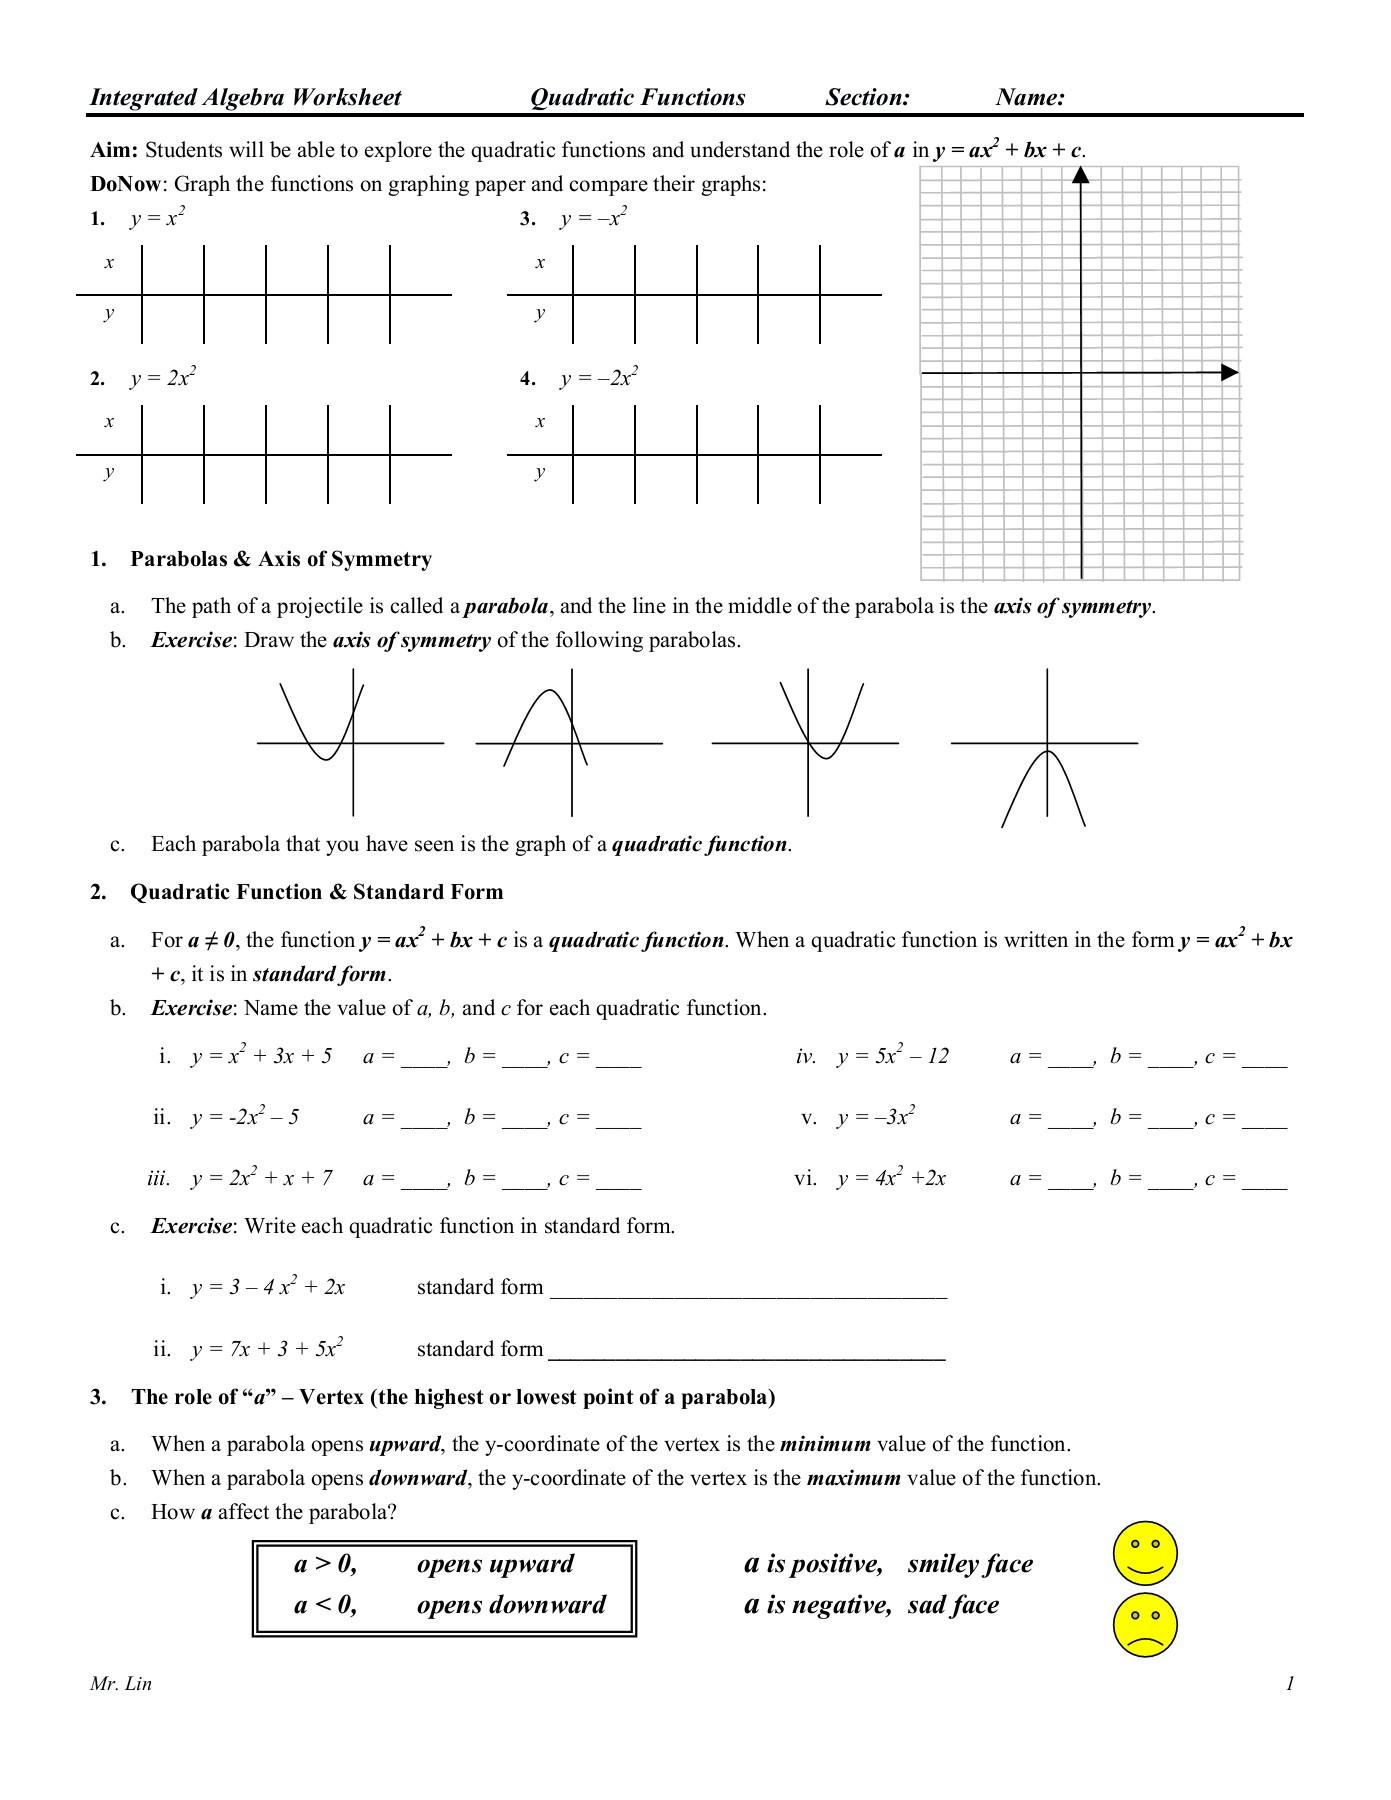 Quadratic Functions Worksheet Answers Algebra Worksheet 09 Qudratic Functions Pages 1 5 Text